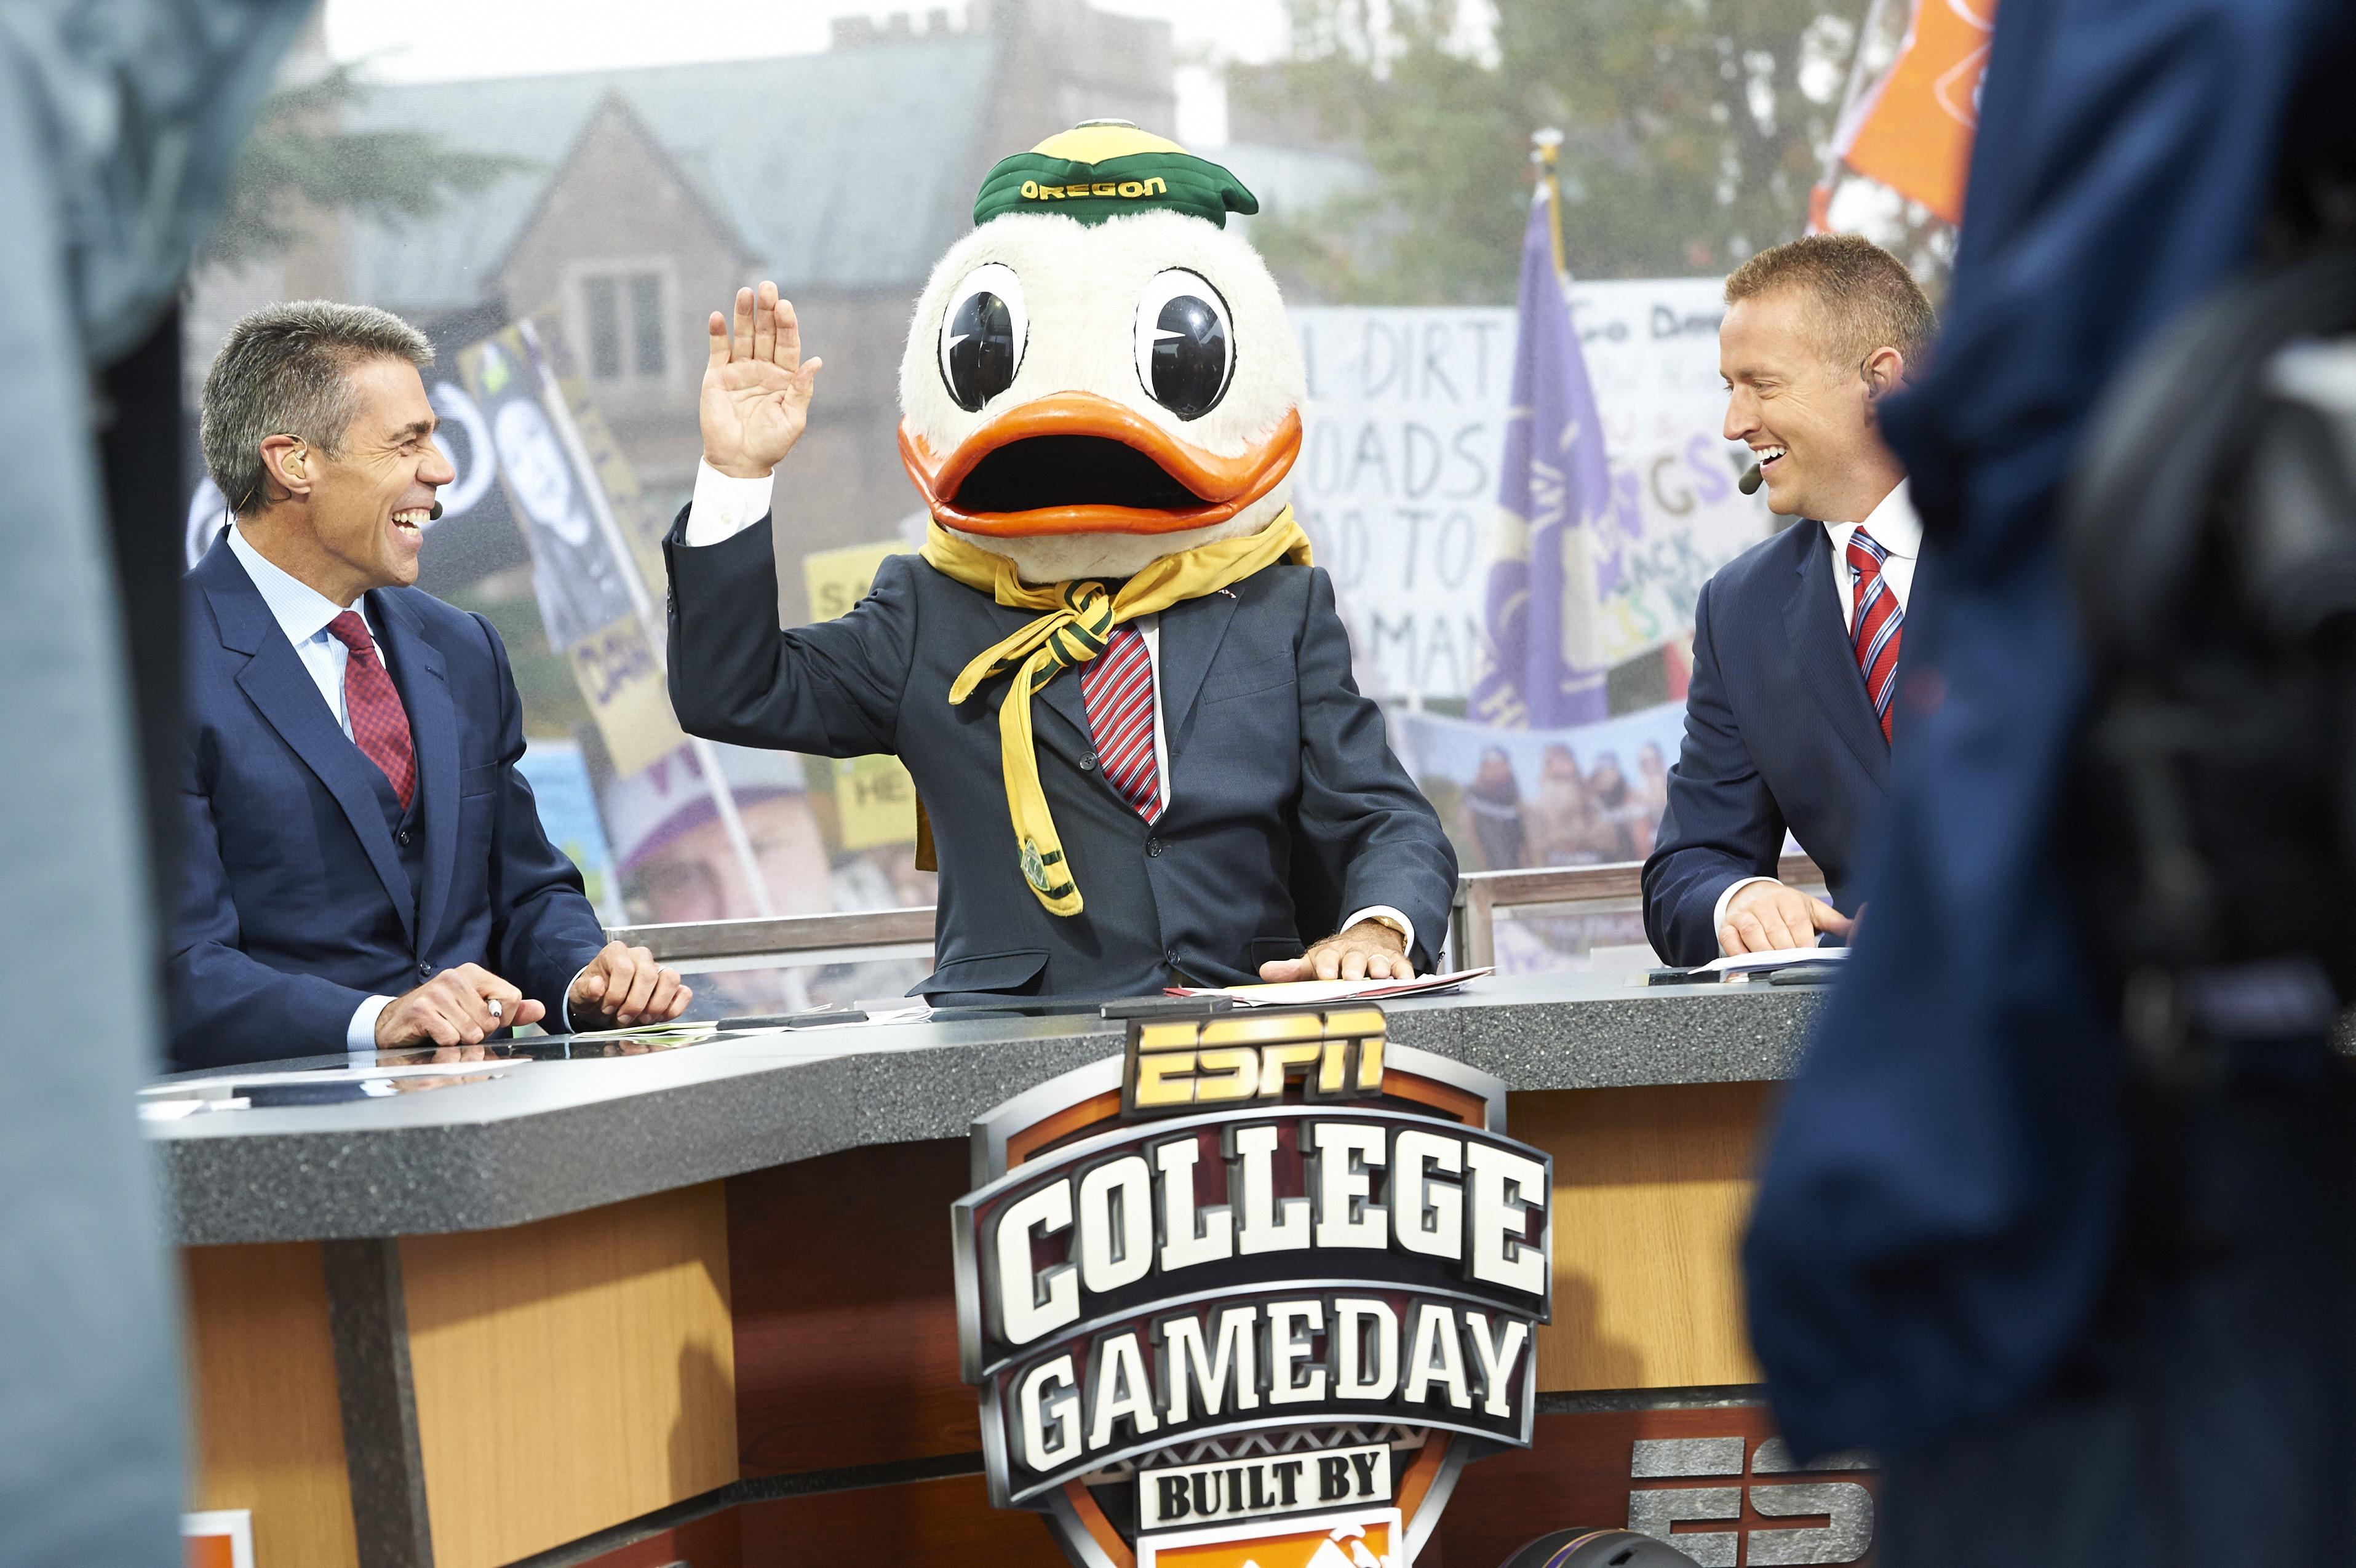 University of Washington vs University of Oregon